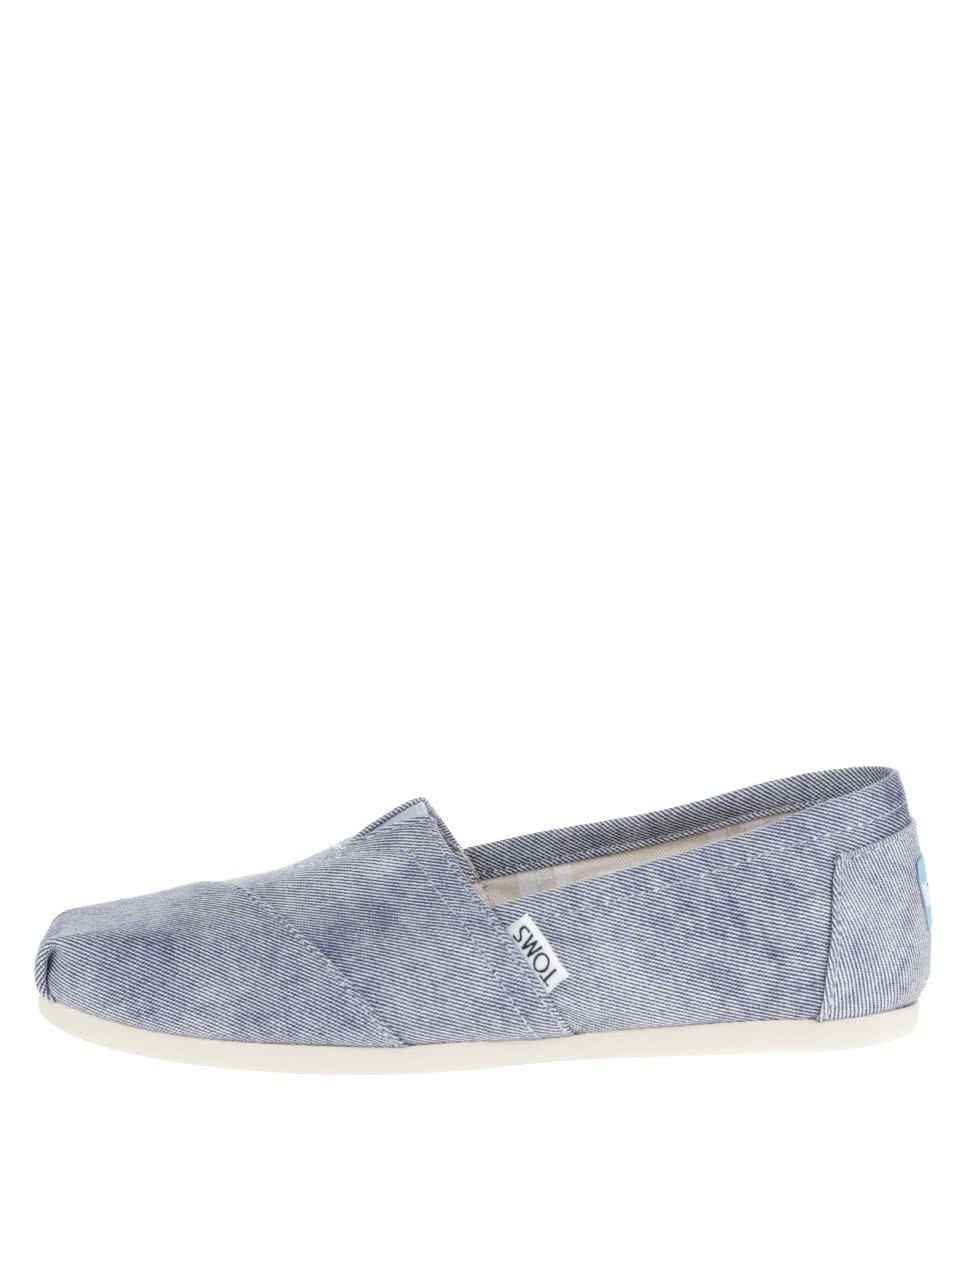 Světle modré dámské loafers TOMS